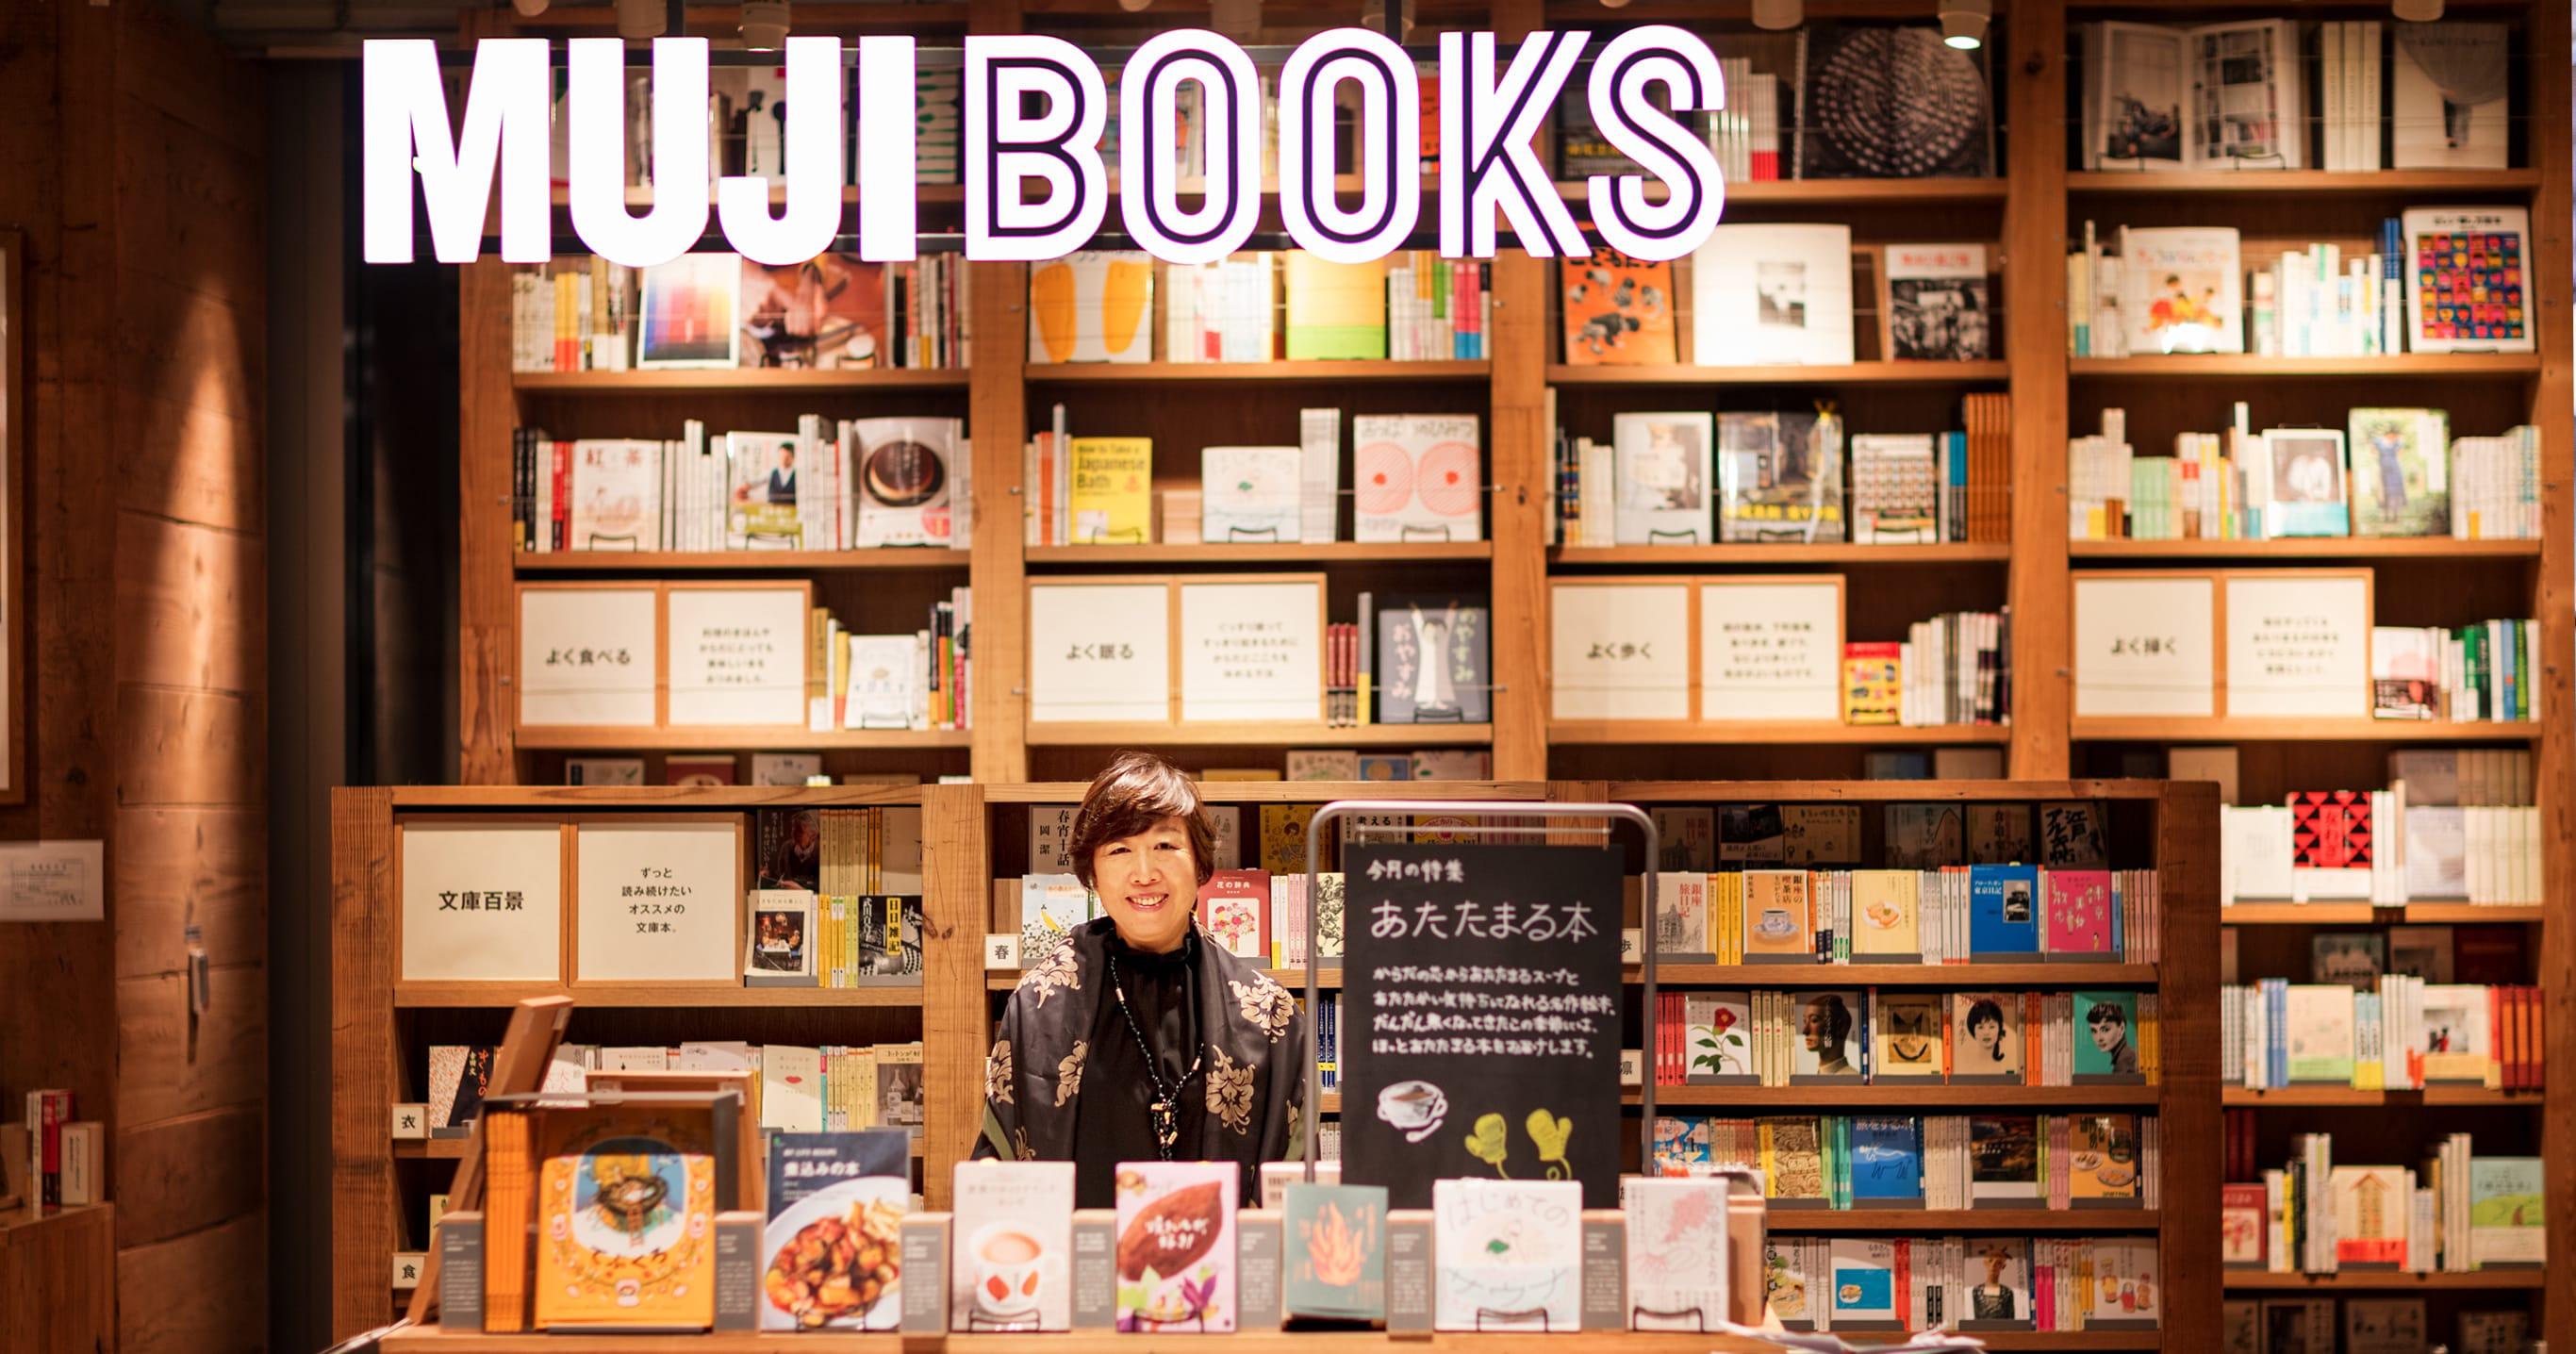 「無印良品 銀座」4階のMUJI BOOKSで。開放的な空間に趣向を凝らして選んだ本がぎっしり並ぶ。6階までの全フロア、木をふんだんに使った内装とやわらかな照明も心地よい。